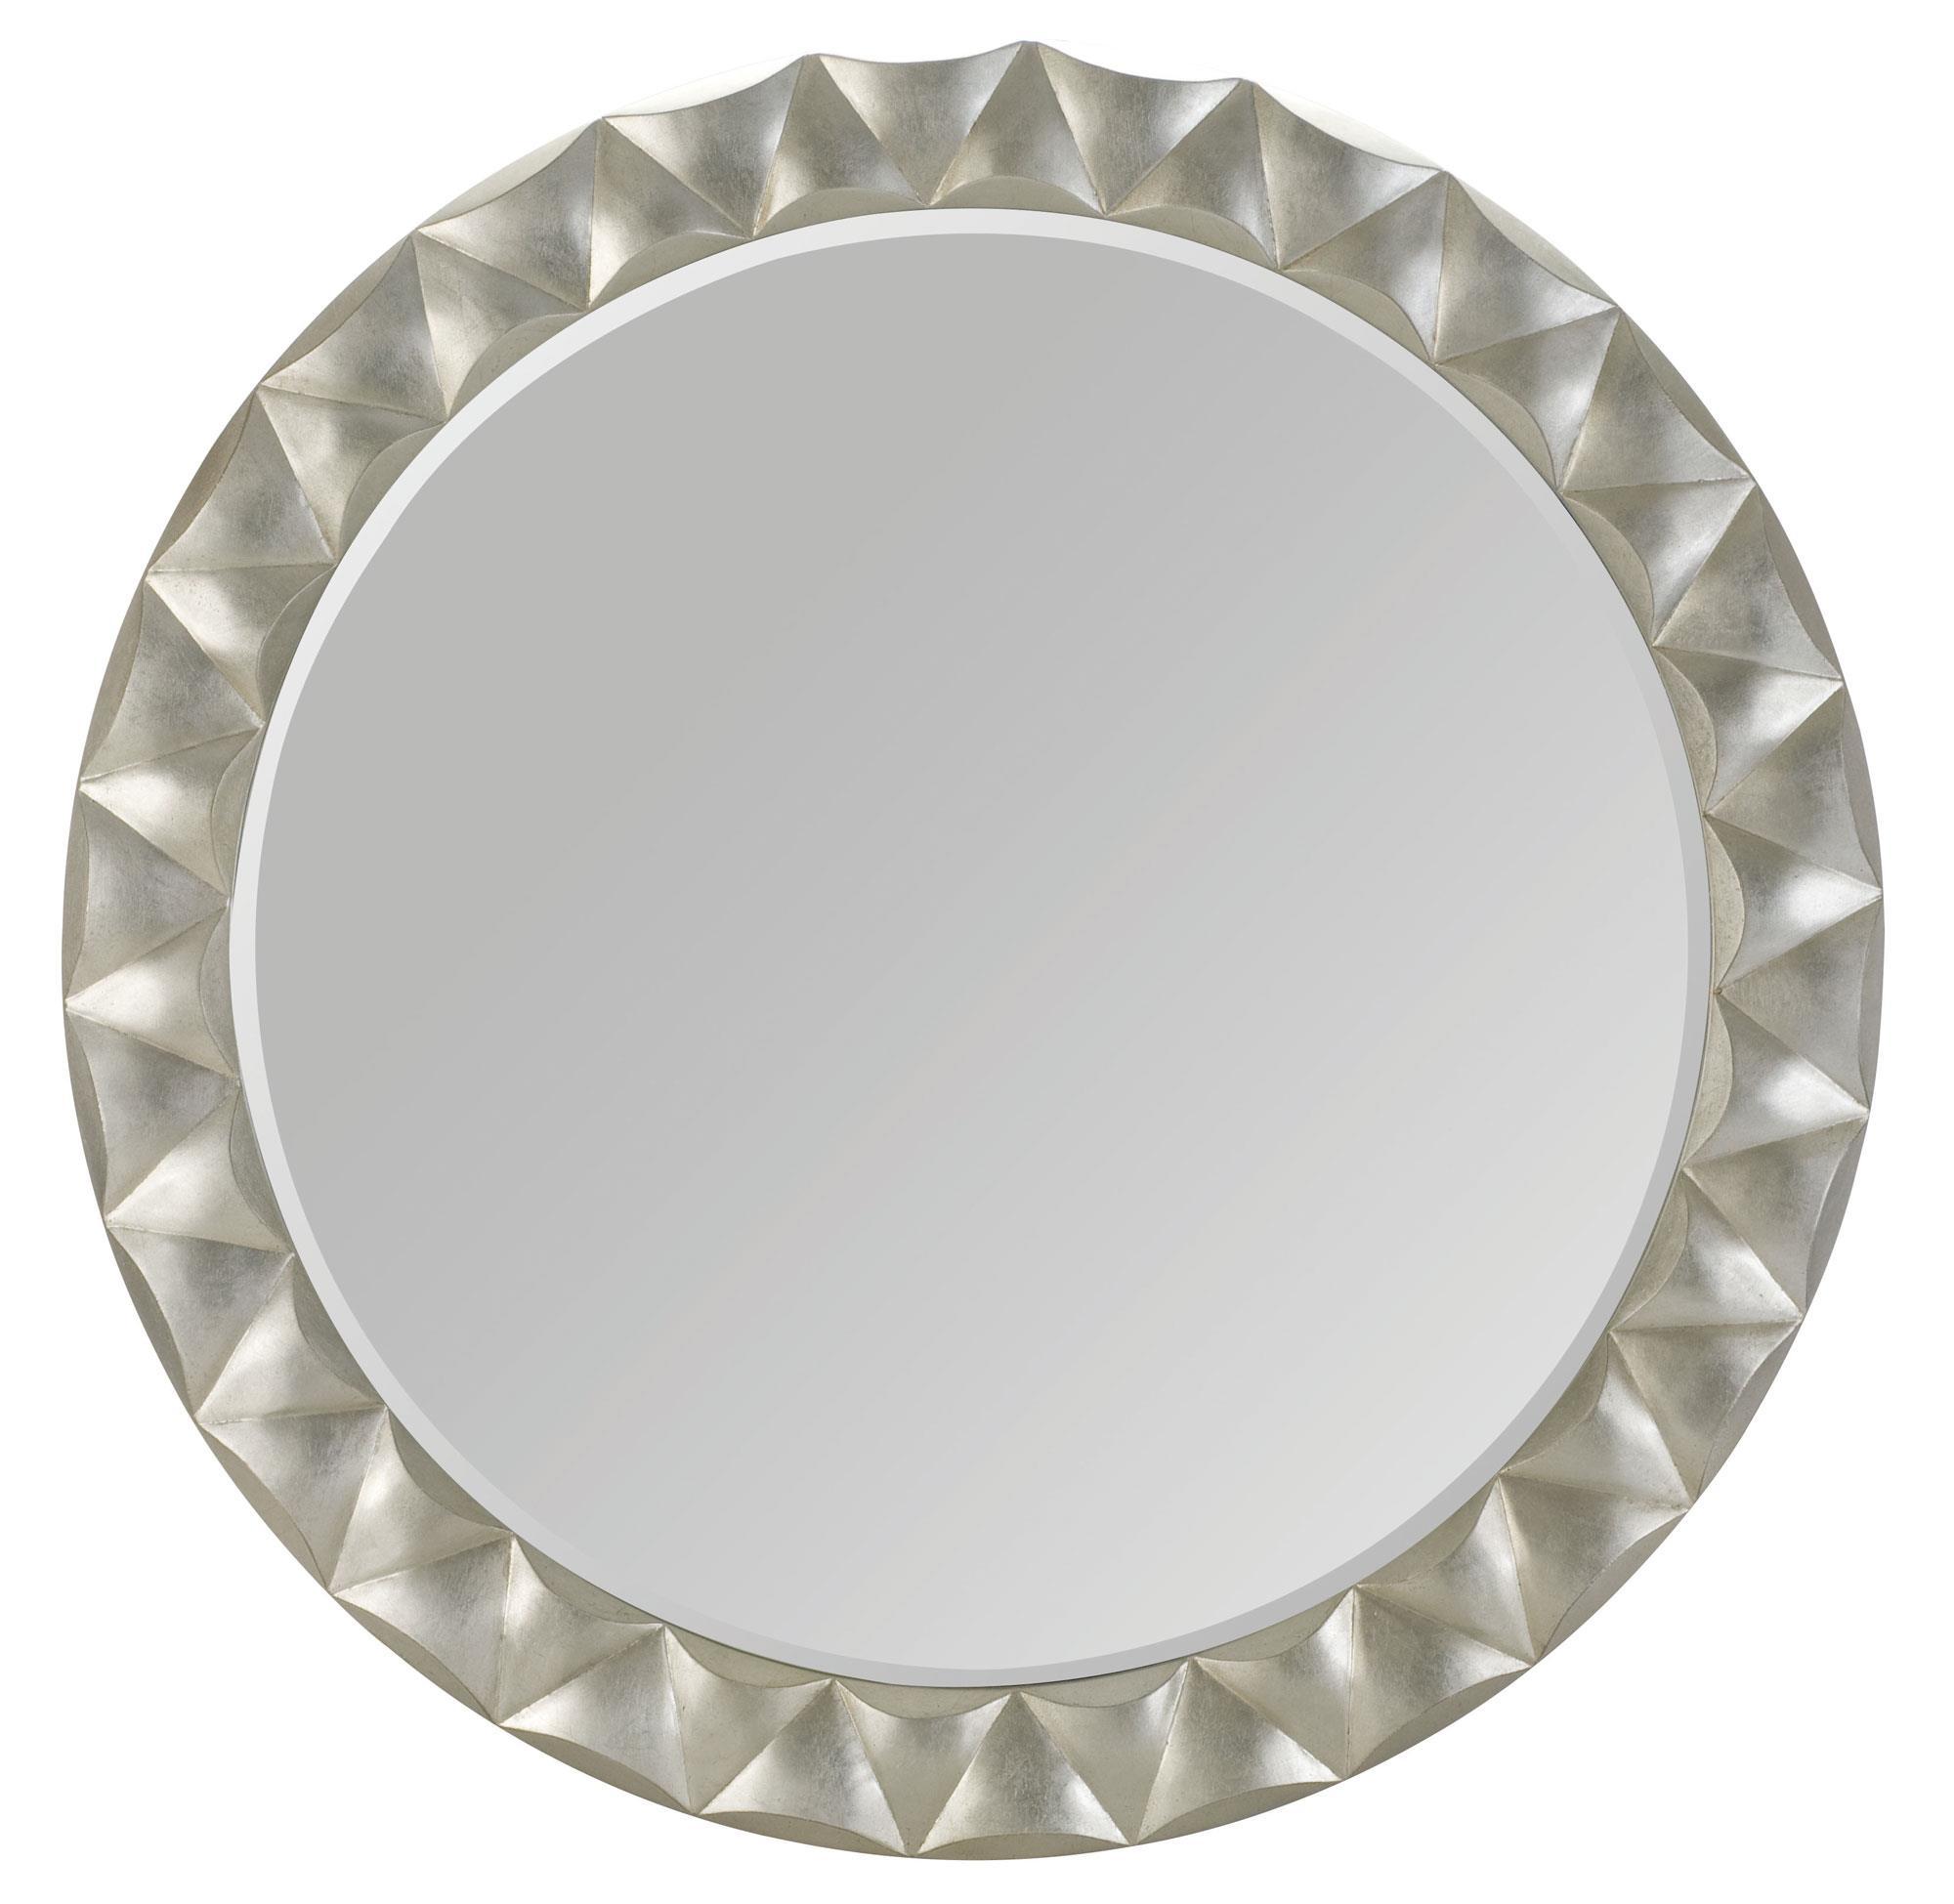 Bernhardt Miramont Round Mirror - Item Number: 360-334A